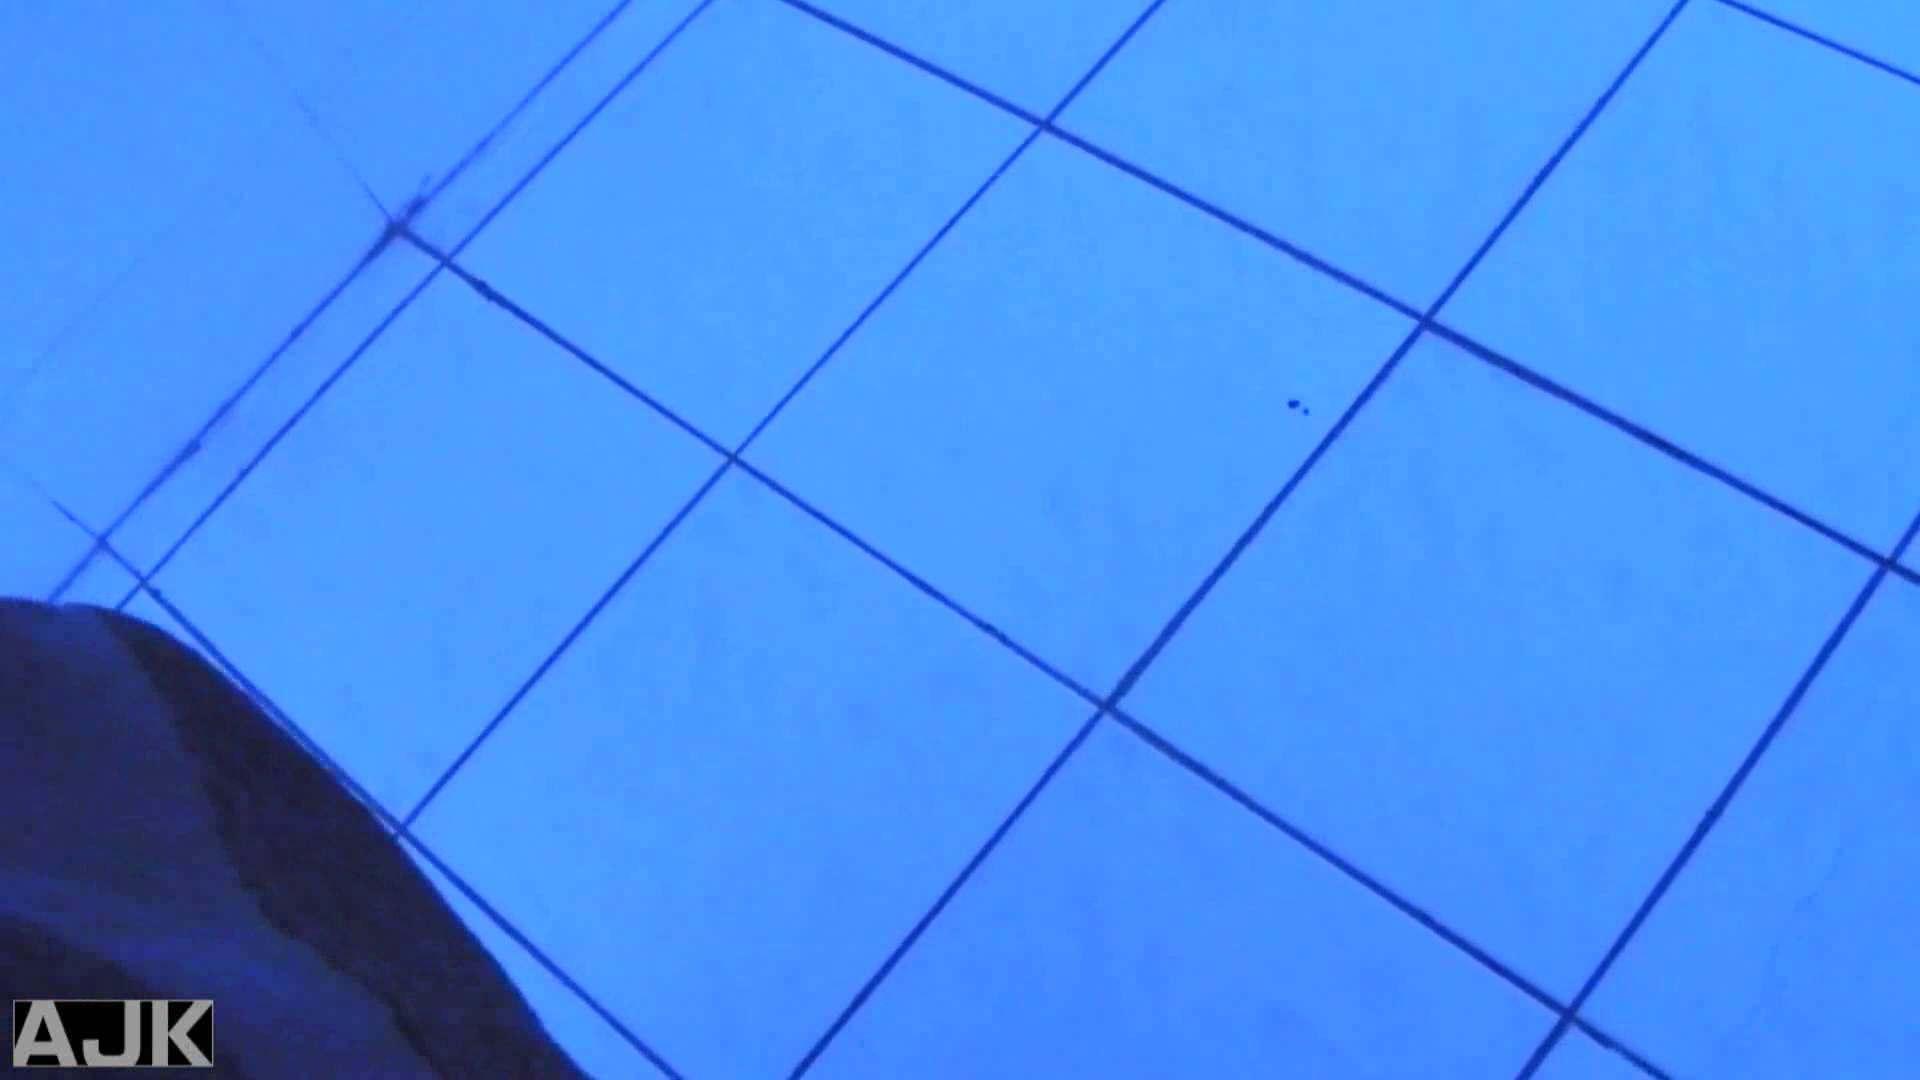 神降臨!史上最強の潜入かわや! vol.07 マンコ・ムレムレ  94pic 77